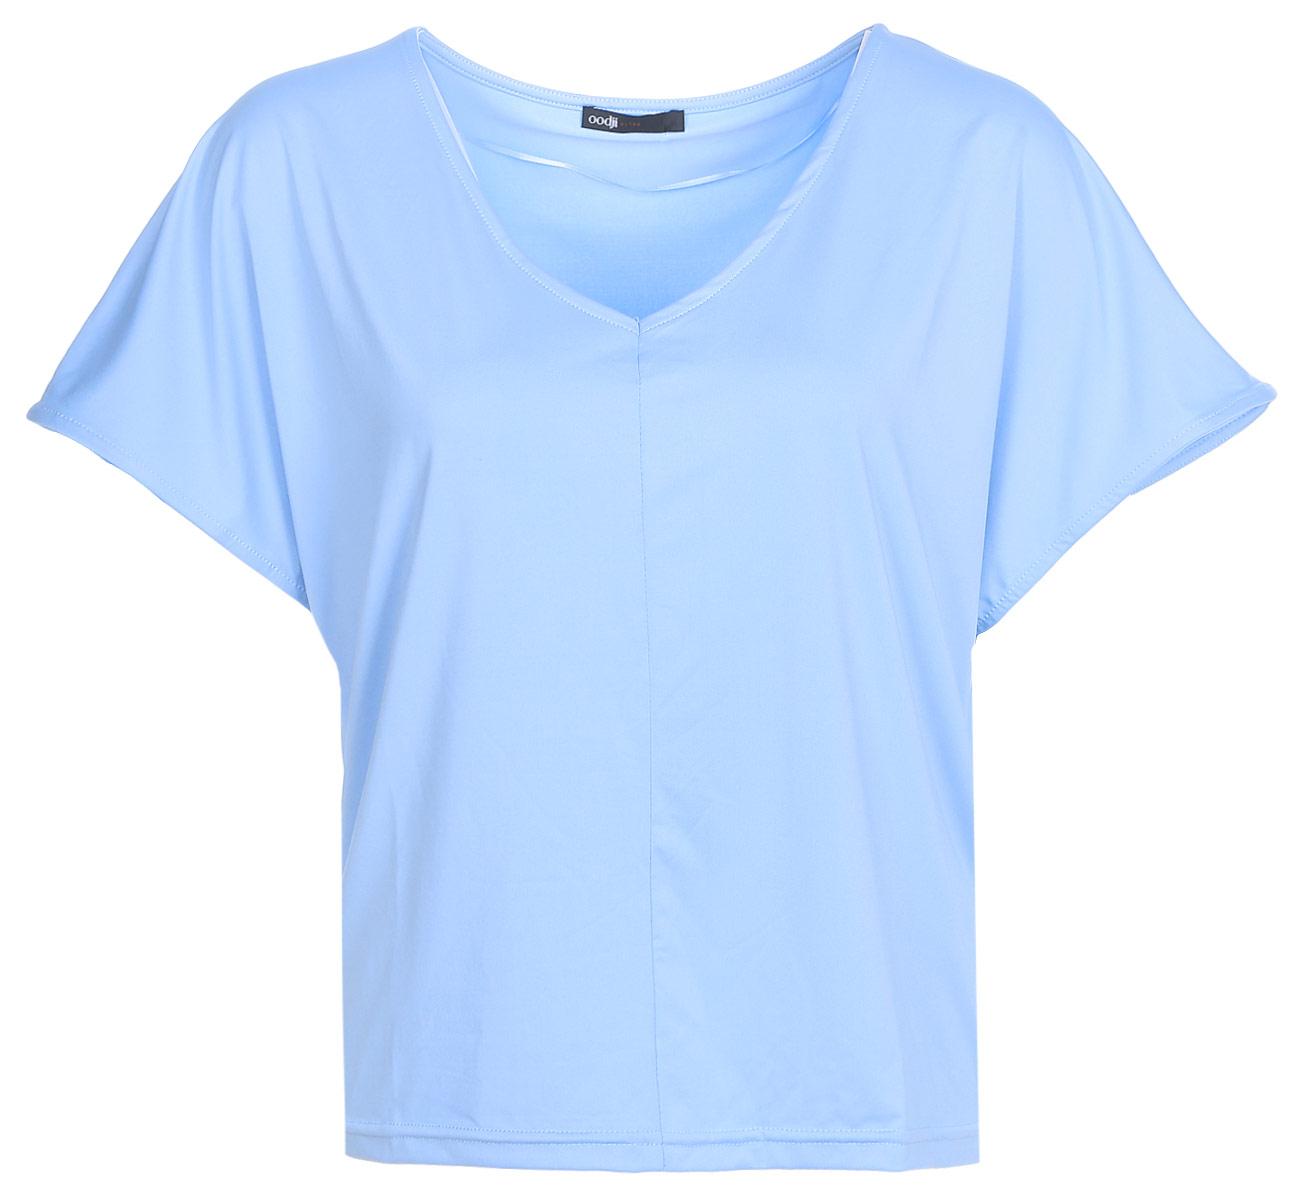 Футболка женская oodji Ultra, цвет: голубой. 14708011/16300/7000N. Размер S (44)14708011/16300/7000NФутболка с V-образным вырезом горловины и короткими рукавами летучая мышь выполнена из струящейся ткани.